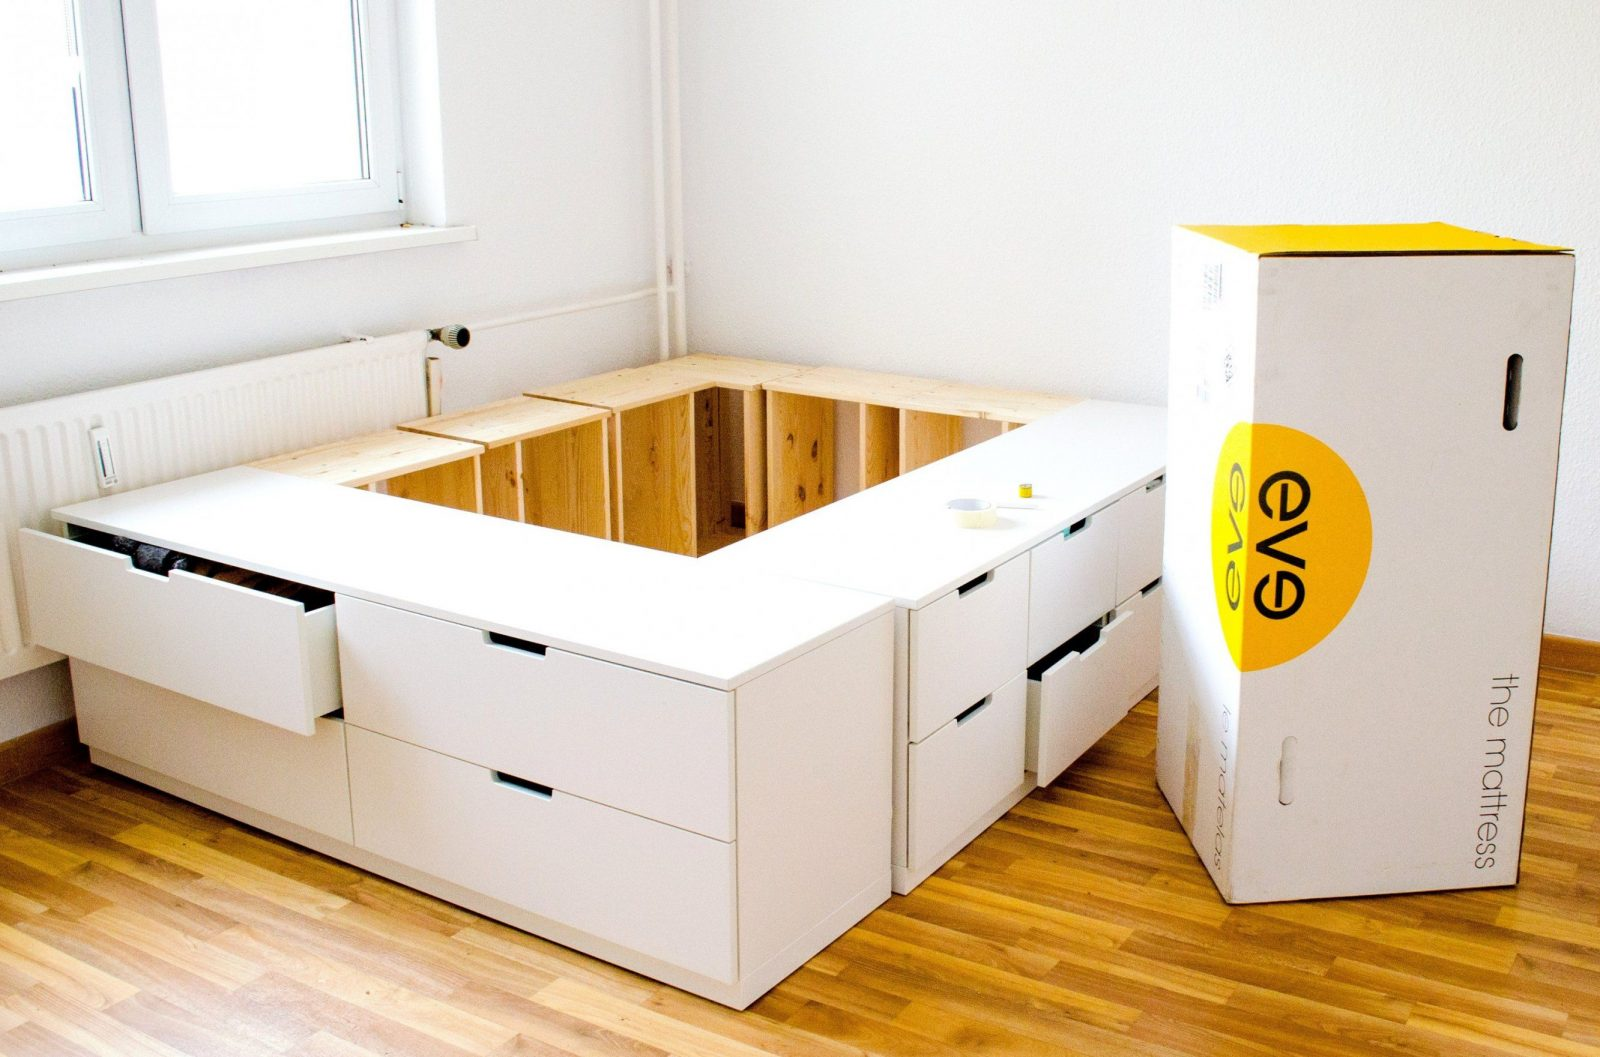 Schubkasten Selber Bauen Schön Interessant Diy Ikea Hack Plattform von Plattform Bett Selber Bauen Bild